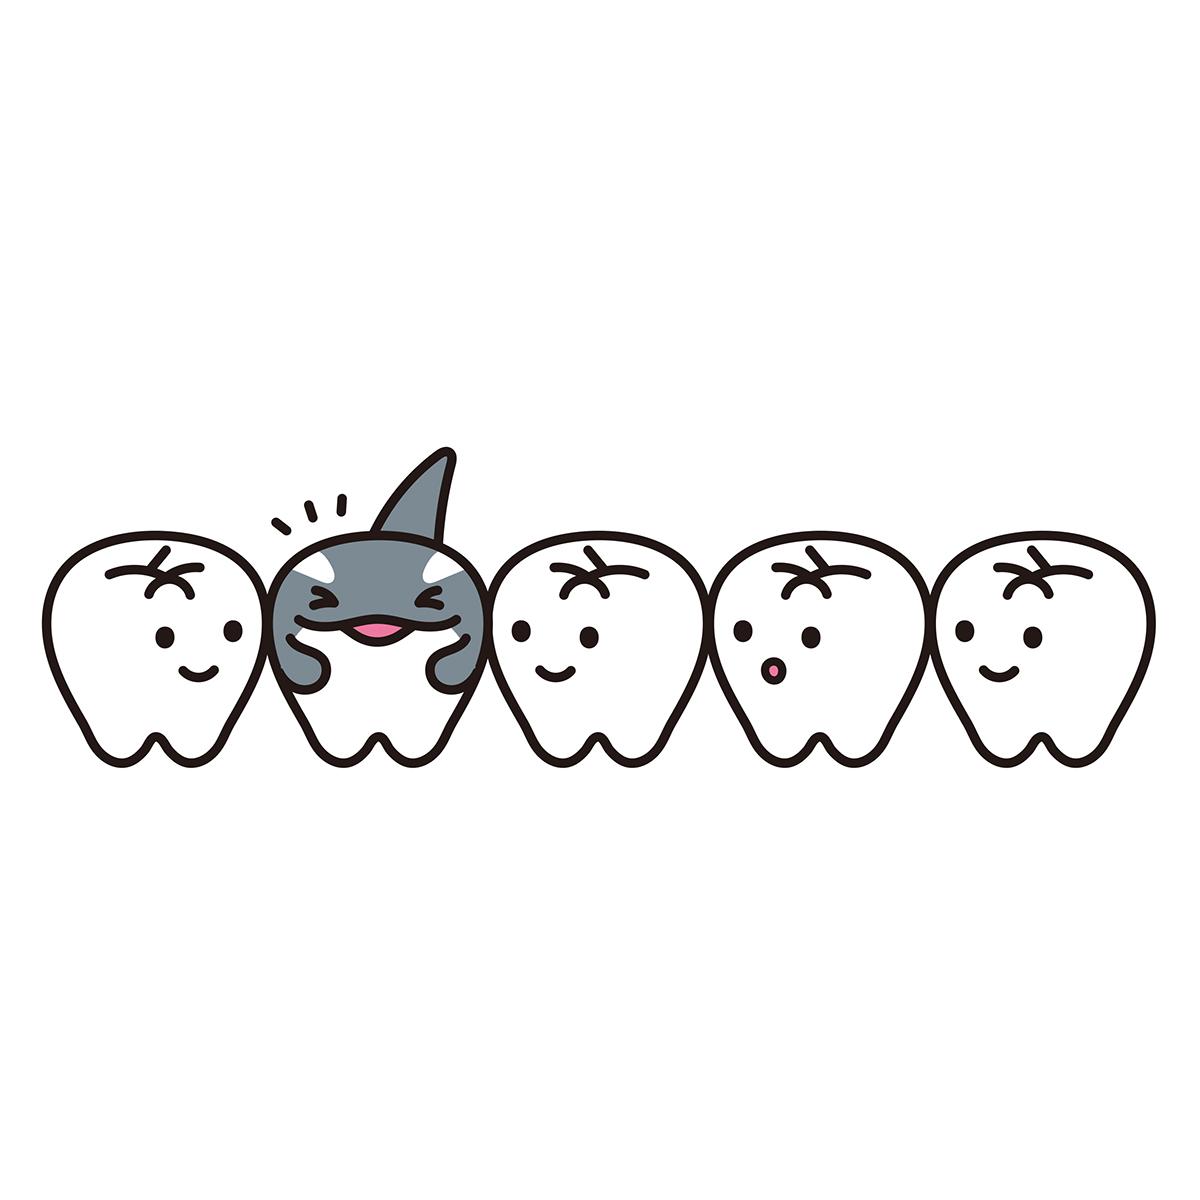 あまの歯科 キャラクター